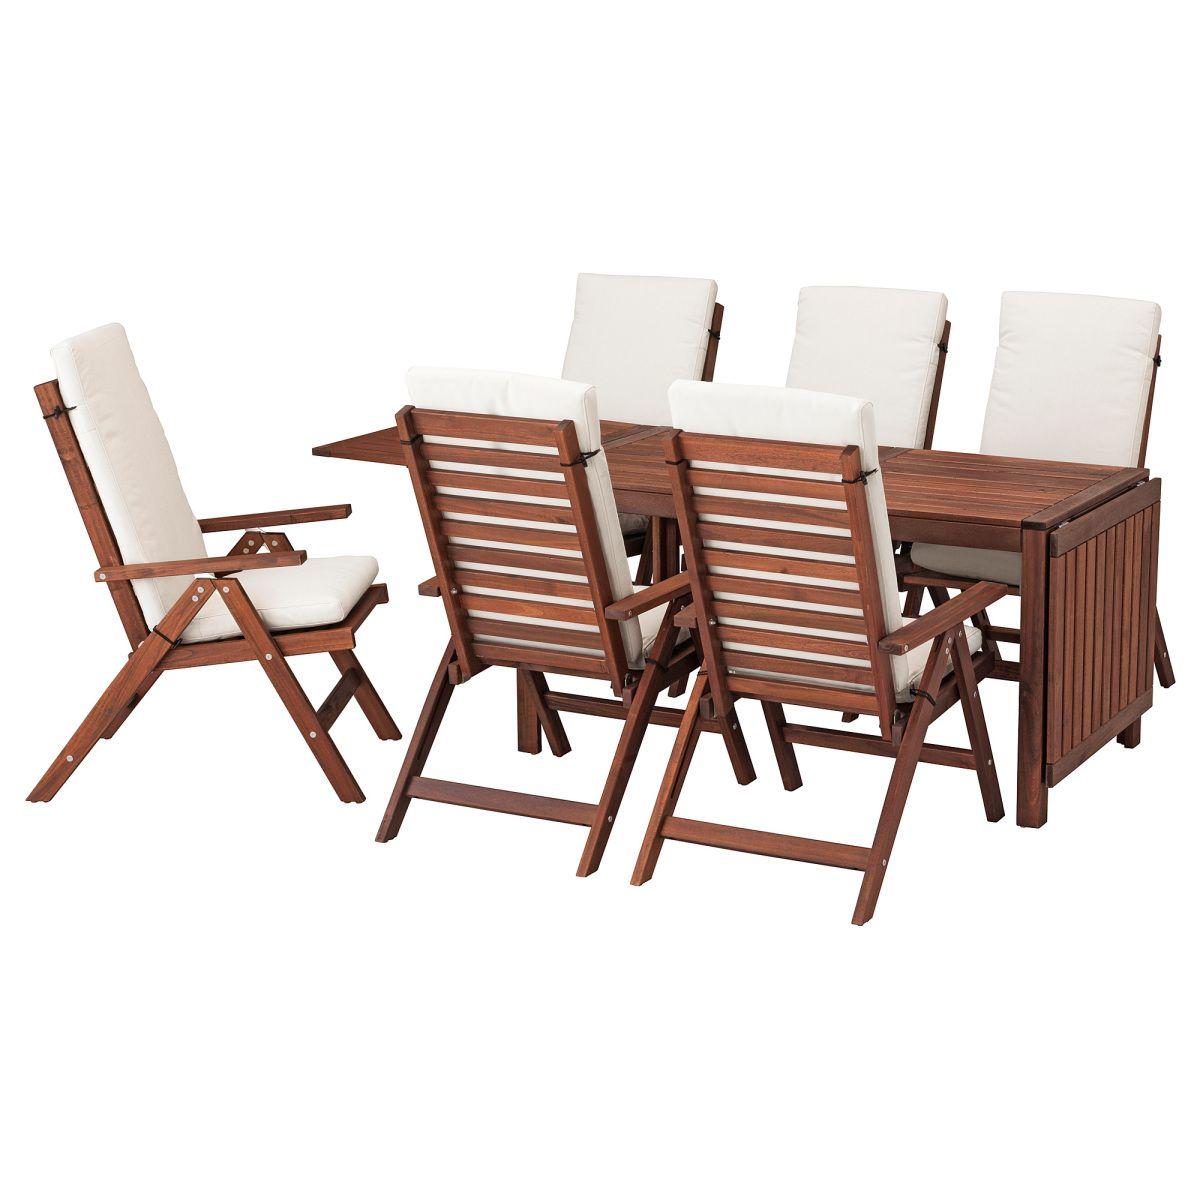 Gut ÄPPLARÖ, Tisch+6 Hochlehner/außen, Braun Las., Beige Jetzt Bestellen Unter:  Https://moebel.ladendirekt.de/garten/gartenmoebel/gartenmoebel Set/?uidu003d28467e59  ...